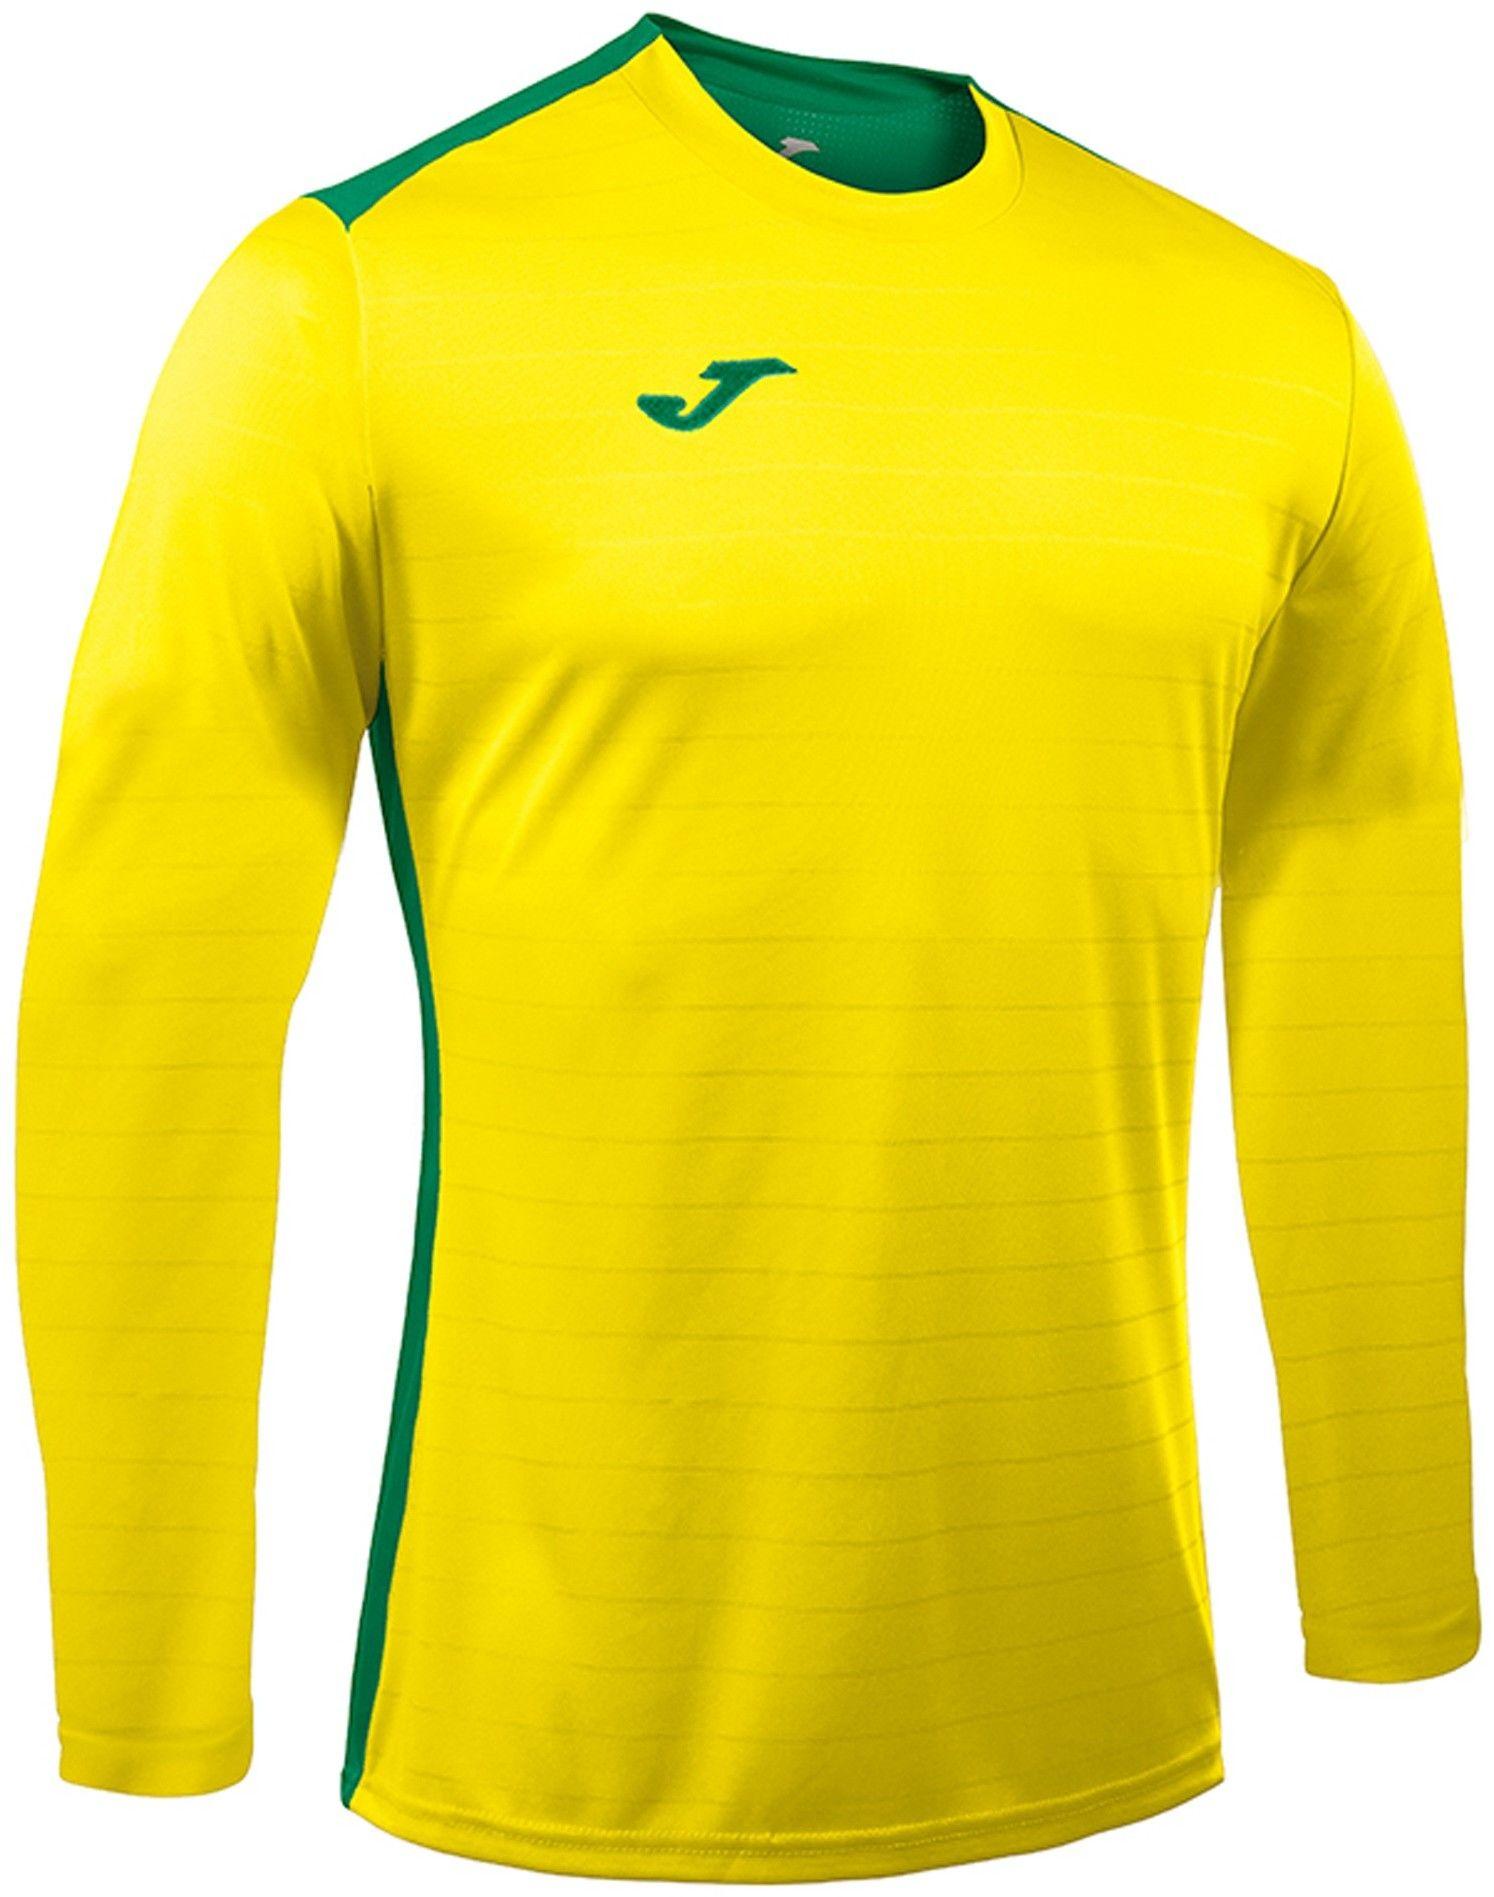 Koszulka Joma Campus yellow/green medium (10 szt.)